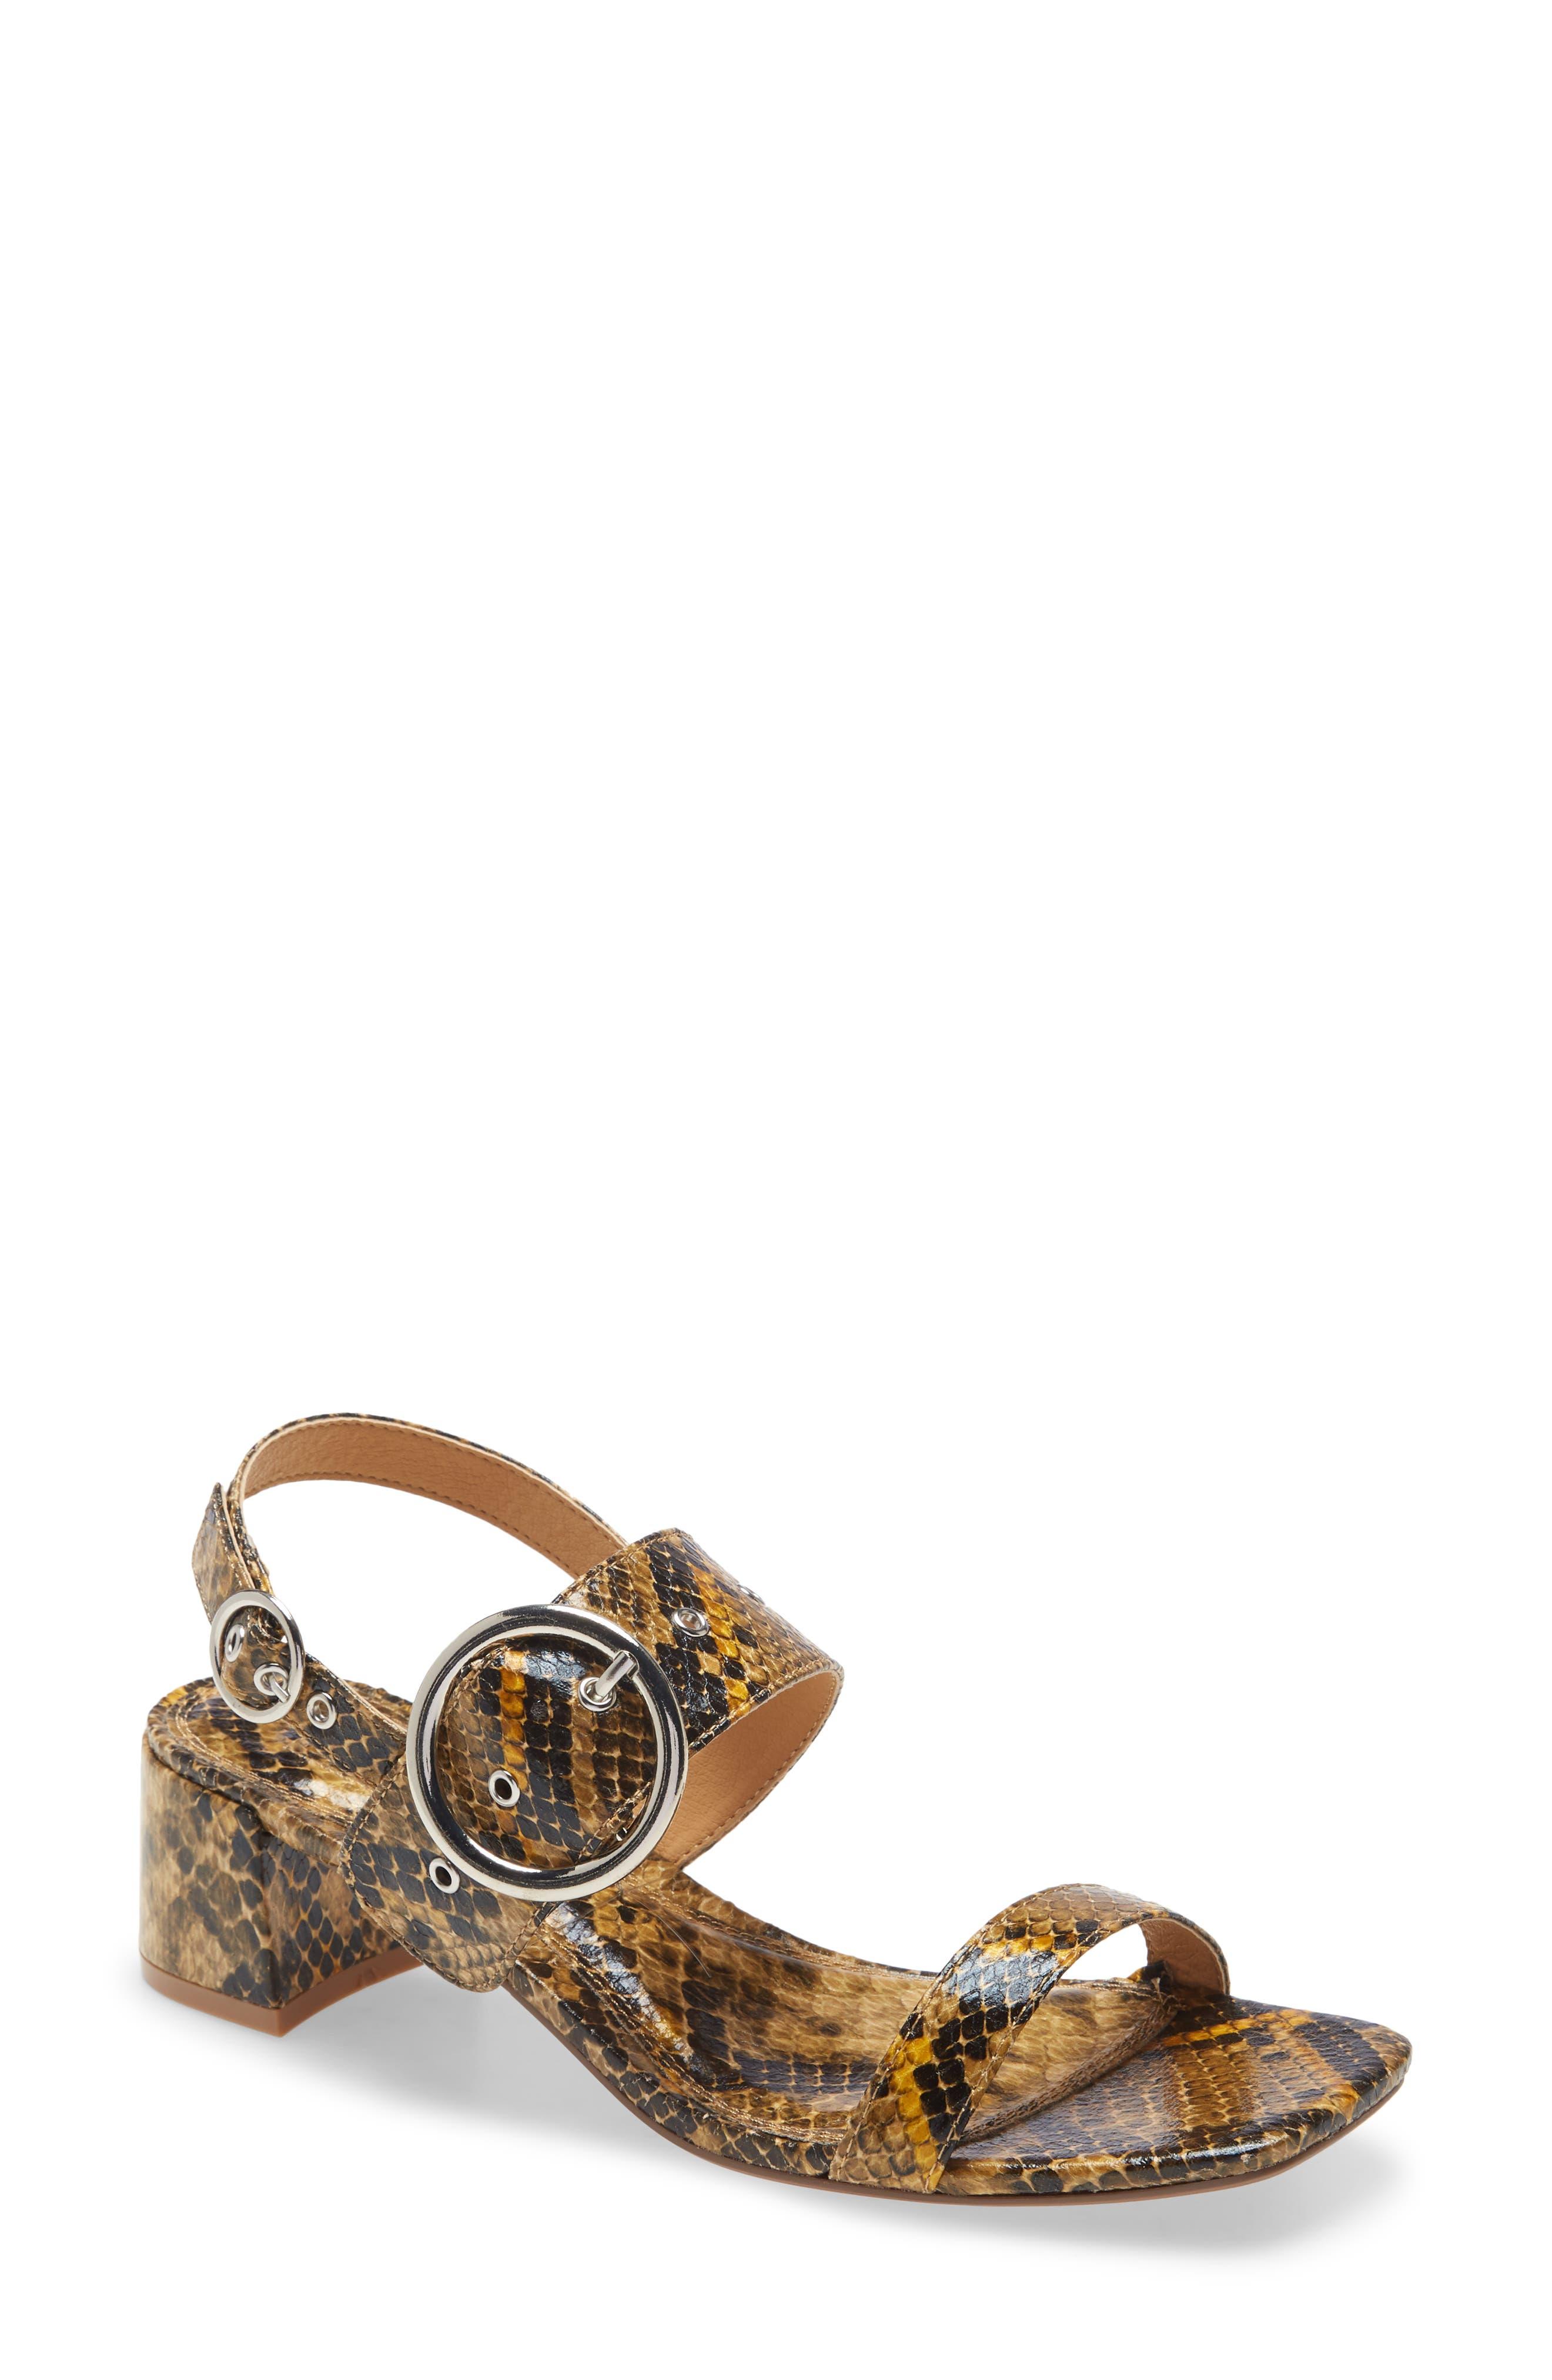 Image of TOPSHOP Dakota Snake Embossed Slingback Sandal